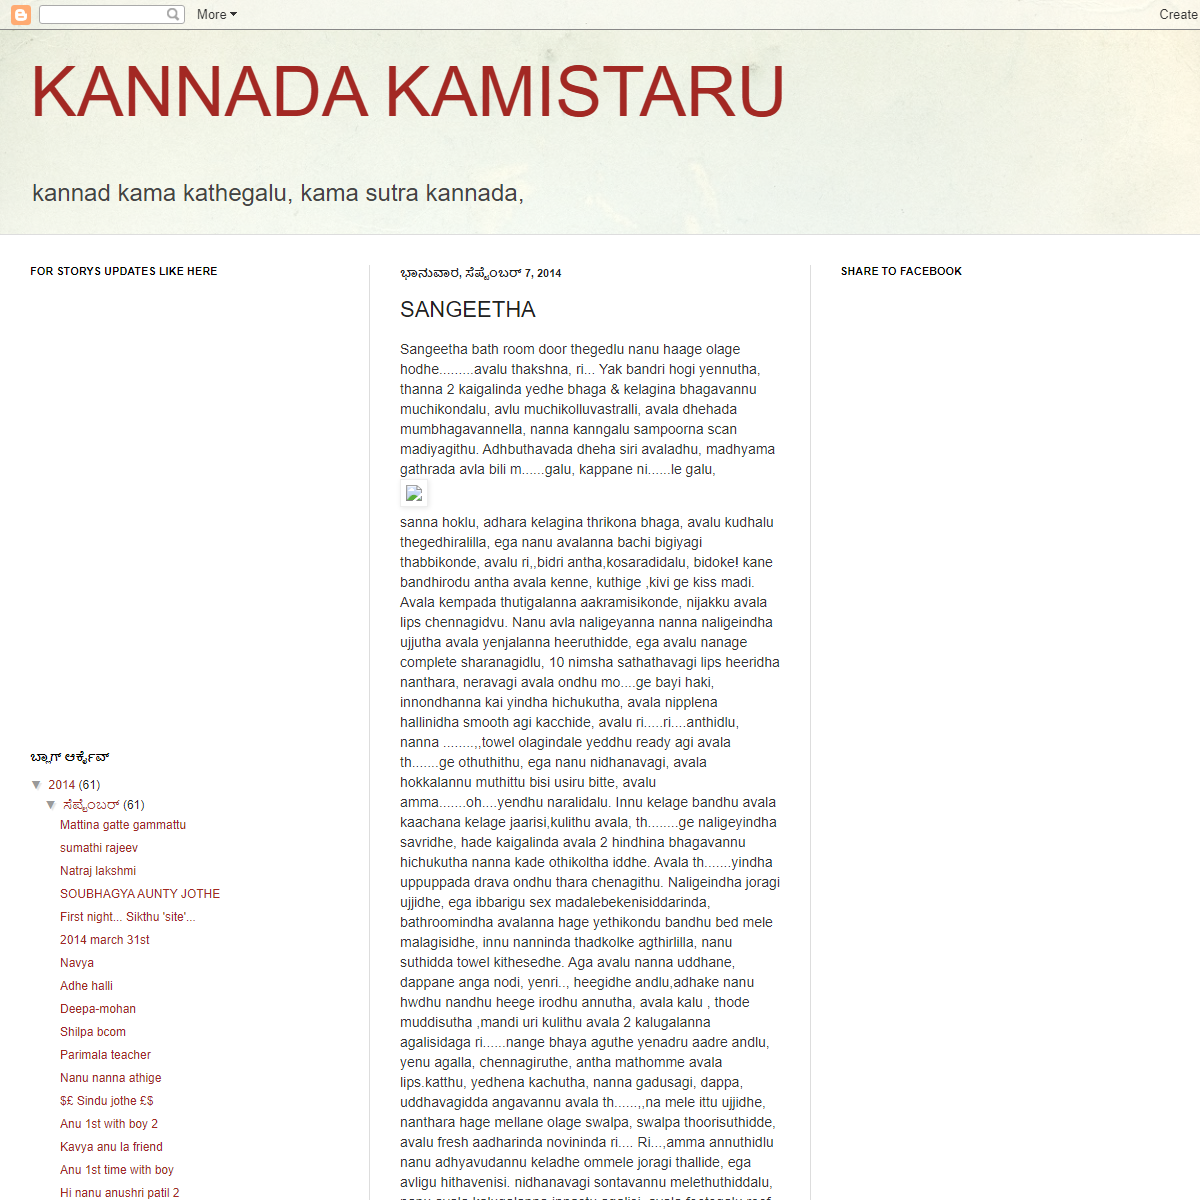 KANNADA KAMISTARU- SANGEETHA